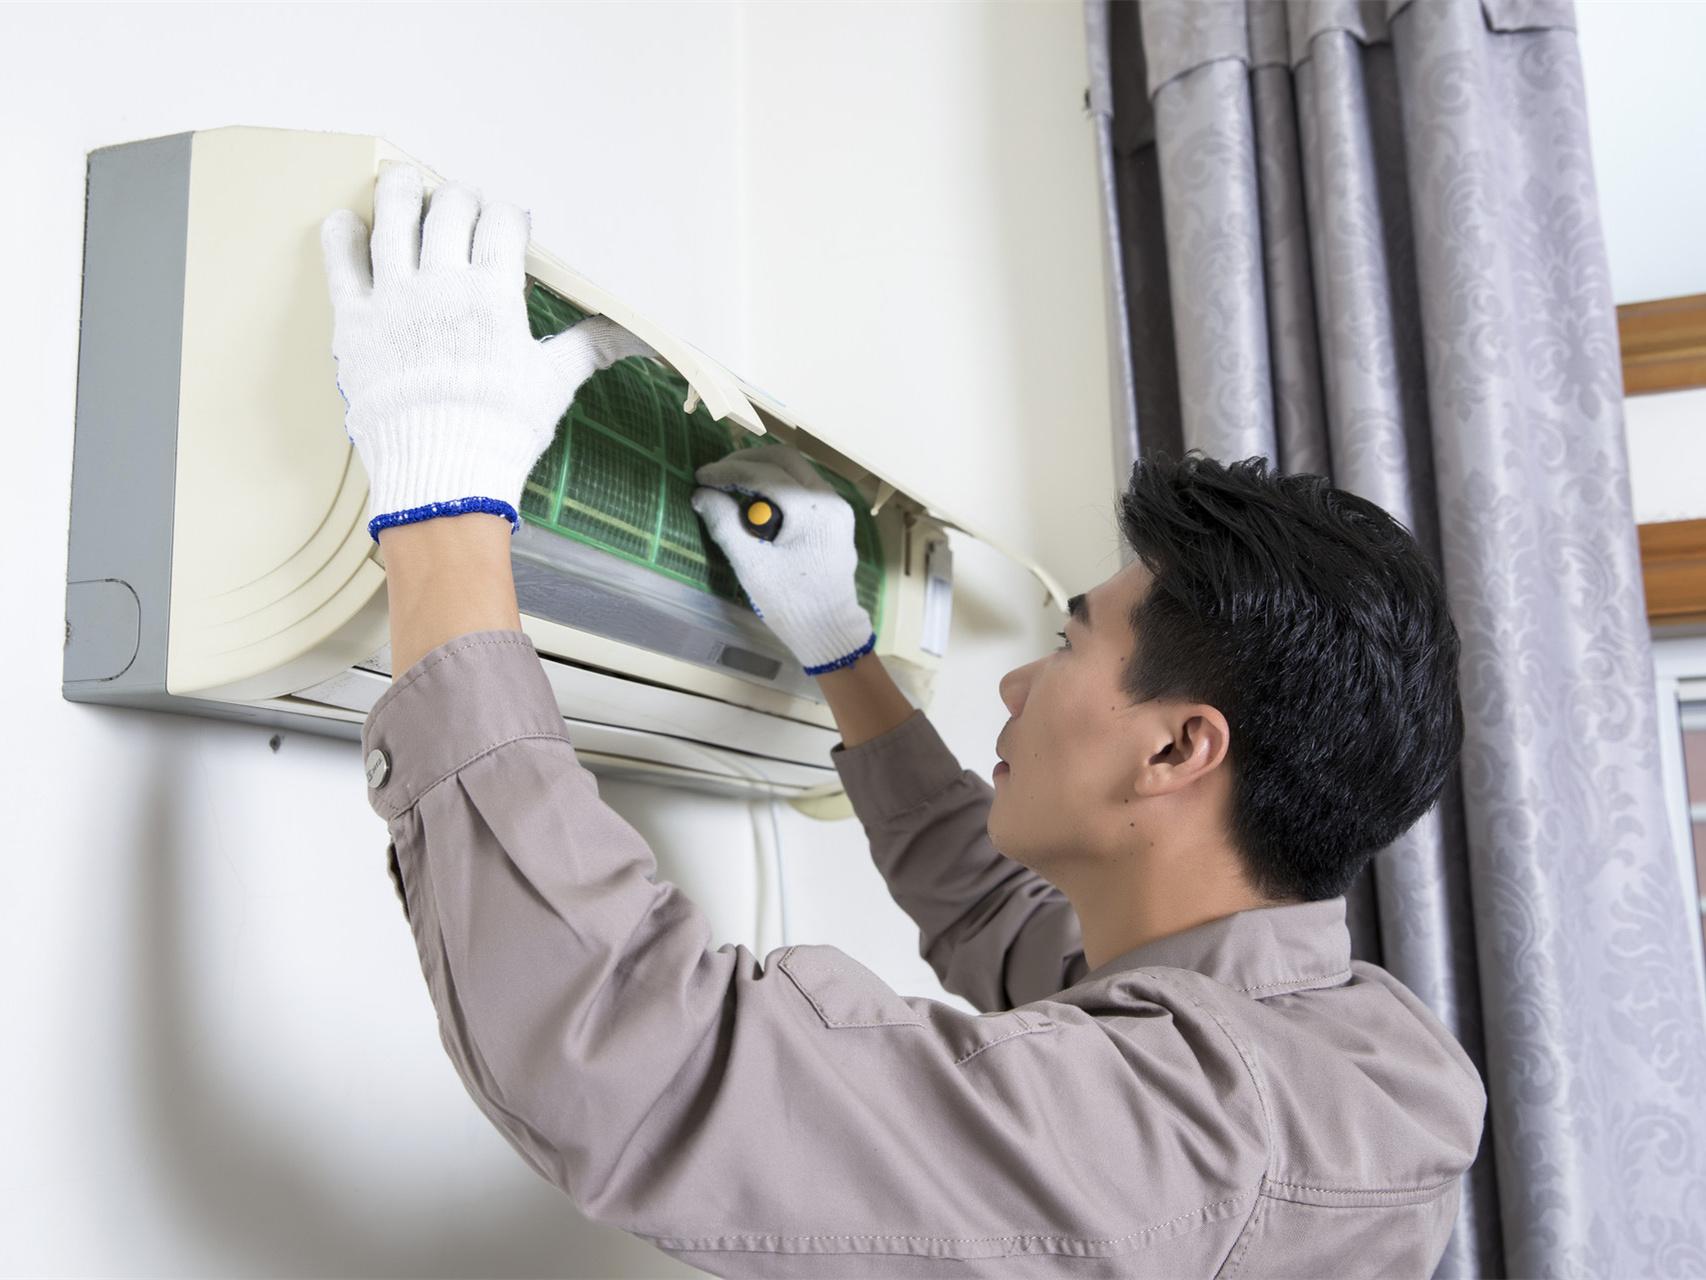 安装小知识:空调安装的方法和步骤都有哪些呢